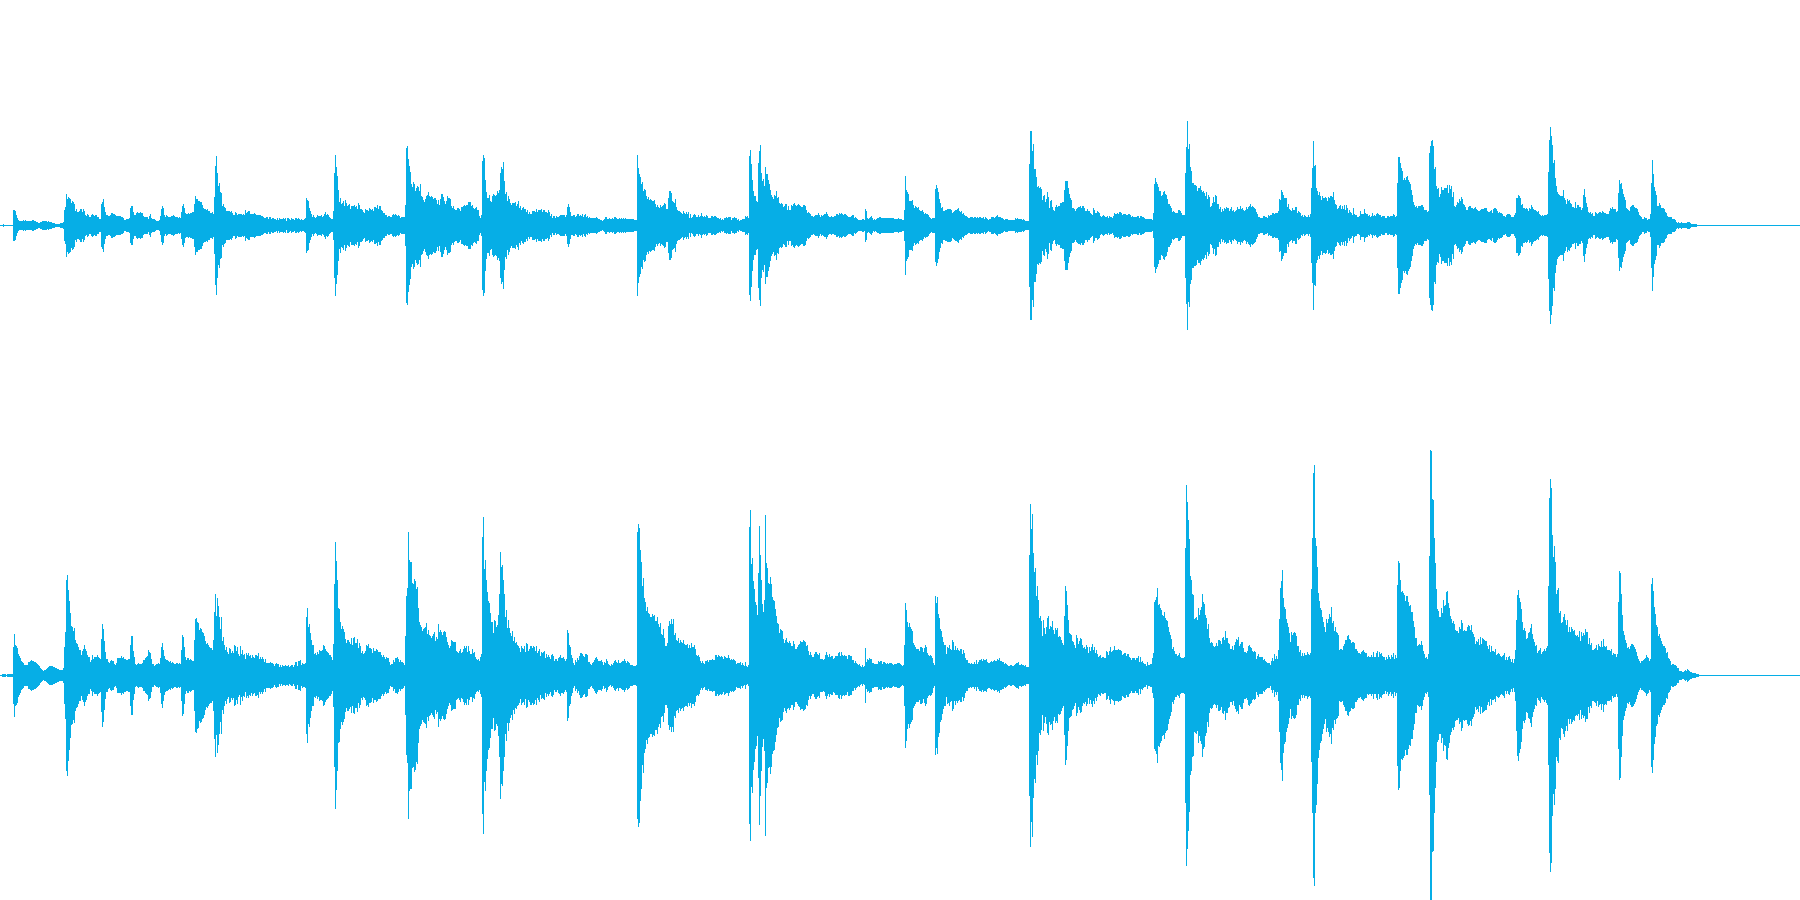 不思議で幻想的なイメージ 即興ピアノ_1の再生済みの波形